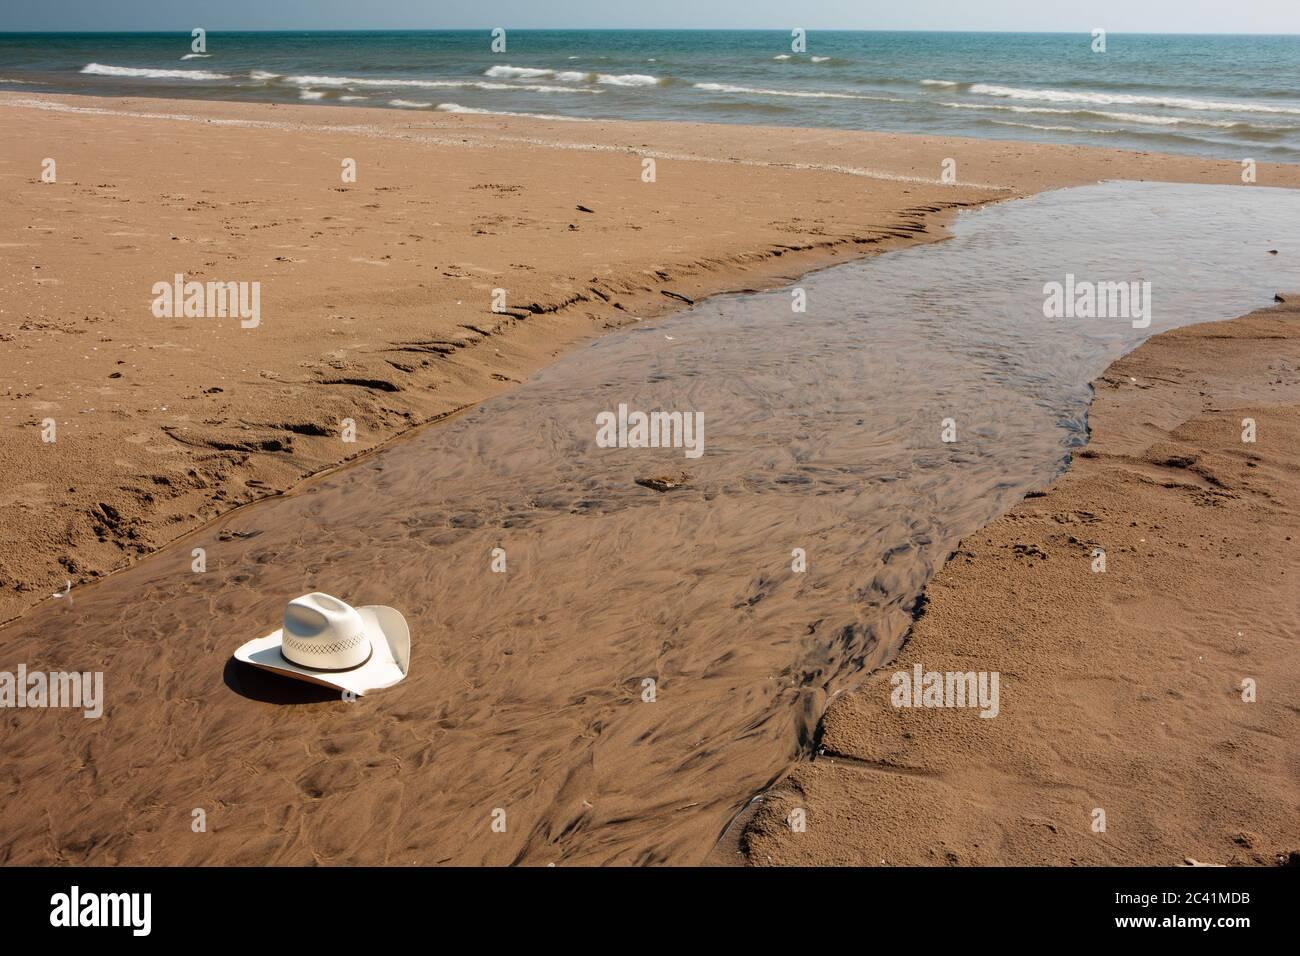 Un sombrero de vaquero, soplado fuera del fotógrafo durante los vientos a lo largo de la costa del Lago Michigan, es capturado después de rodar a lo largo de la playa por un shal Foto de stock